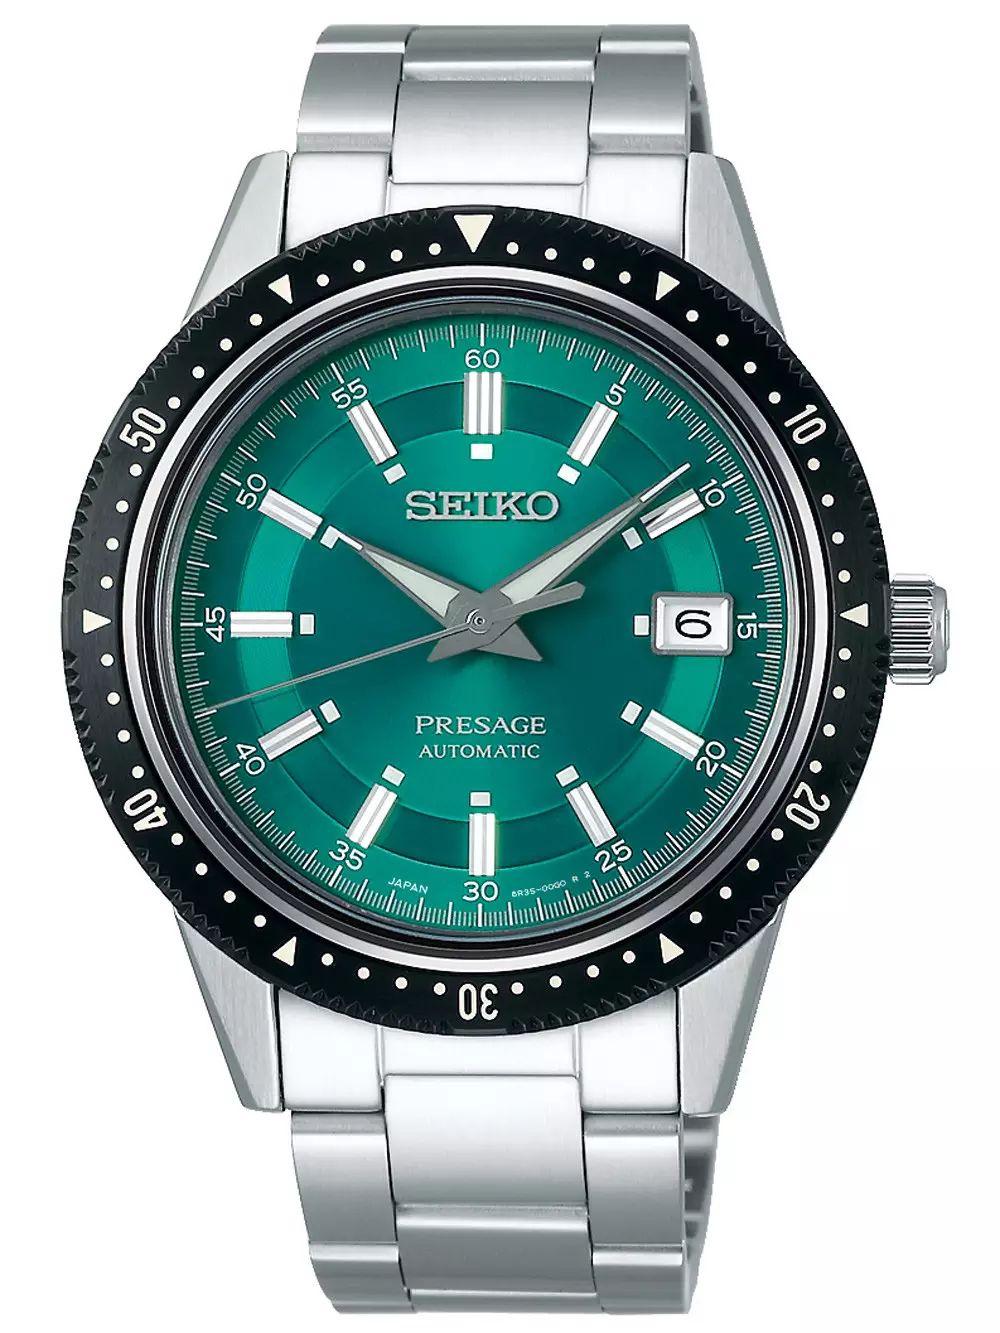 10% auf alles beim Timeshop24: Seiko Automatikuhr Sammeldeal z. B. Seiko Presage SPB129J1 Limited Edition